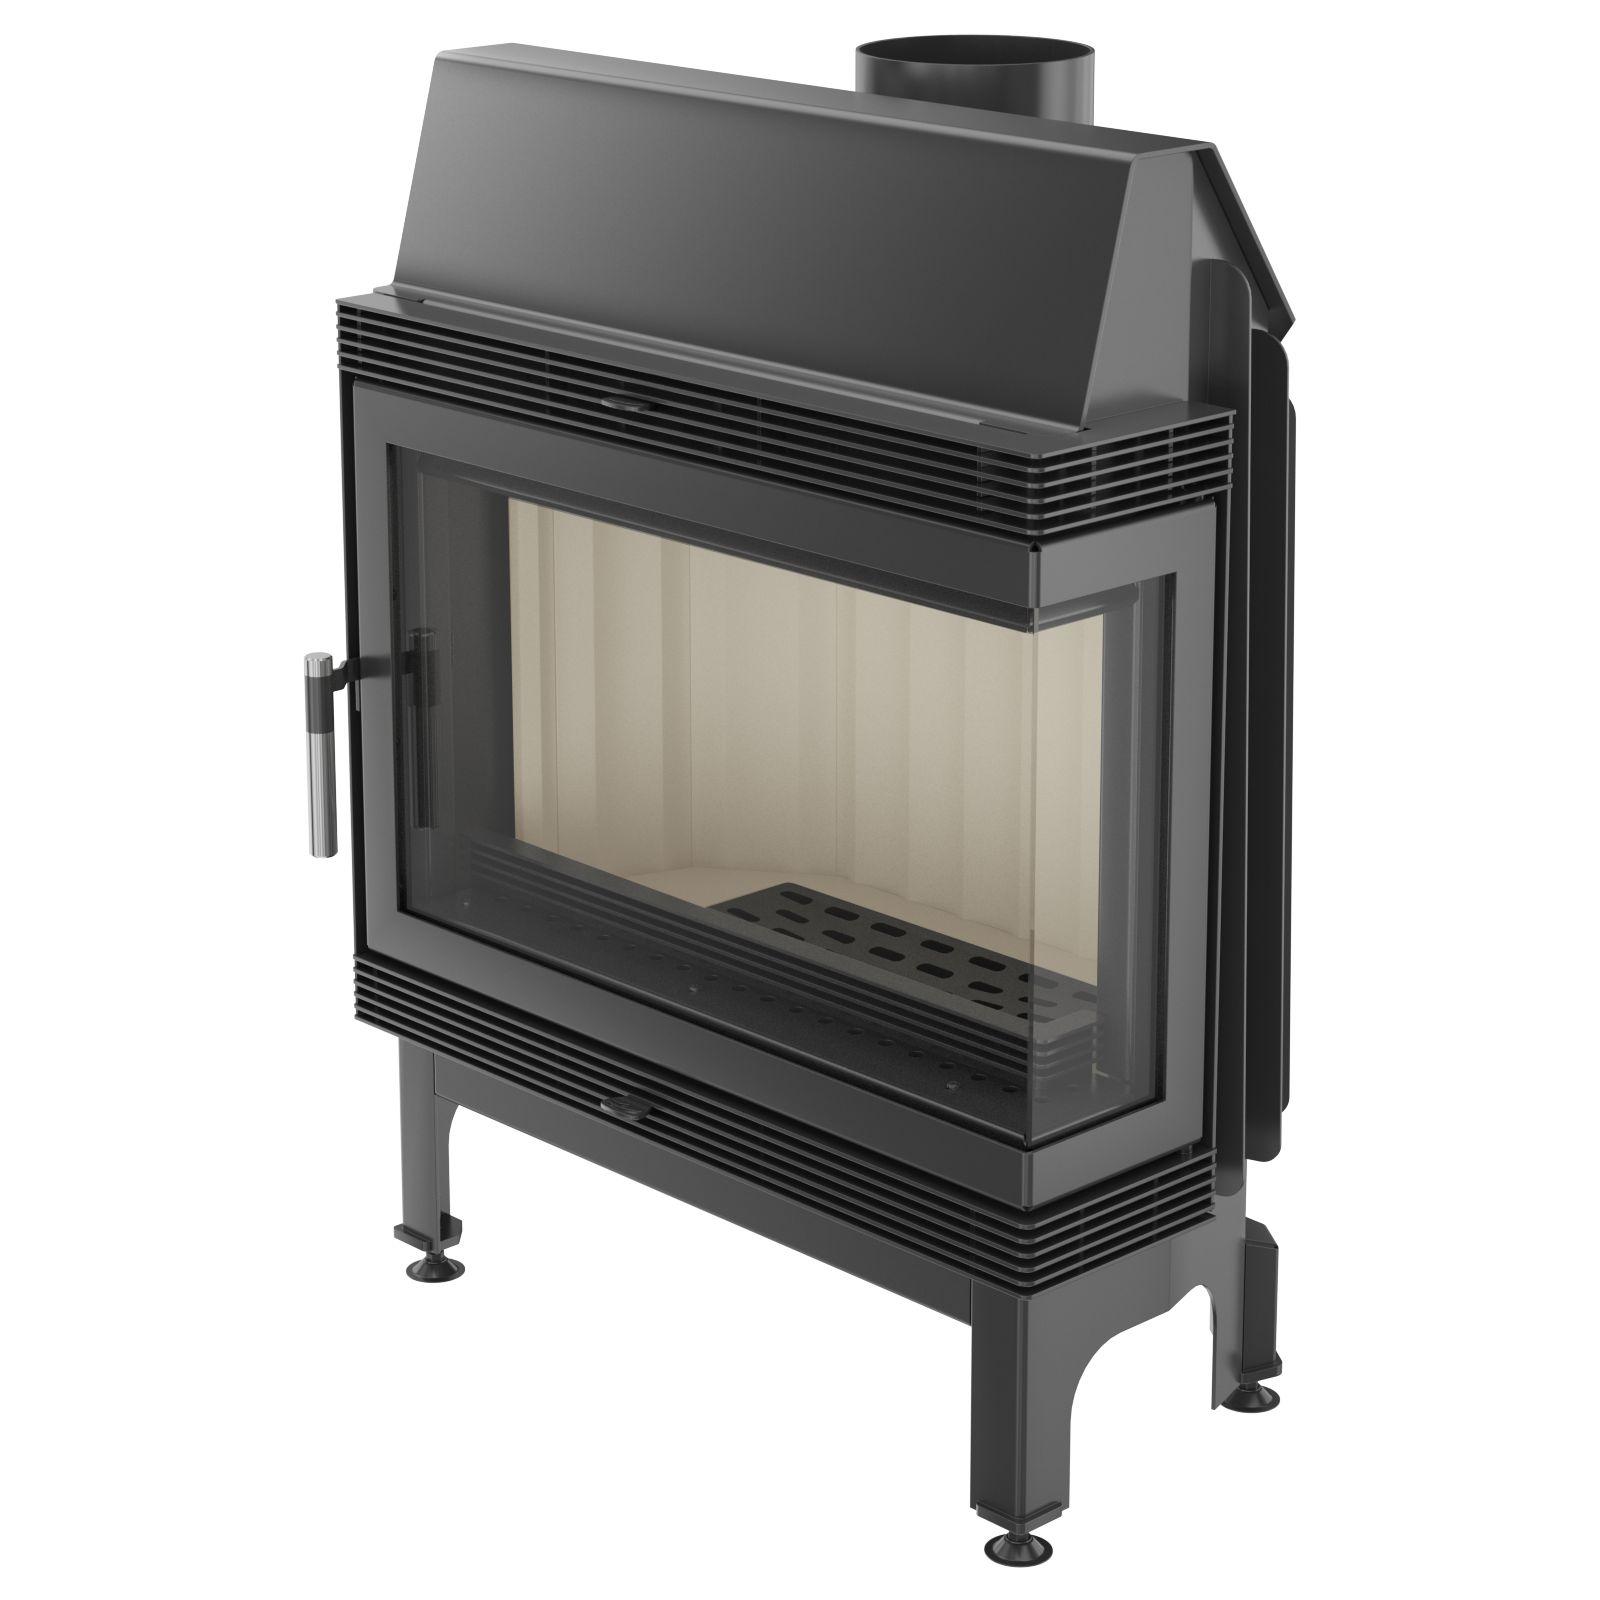 kamineinsatz kratki blanka 11 kw rechte seitenscheibe eck heizeinsatz 2 bimschv ebay. Black Bedroom Furniture Sets. Home Design Ideas